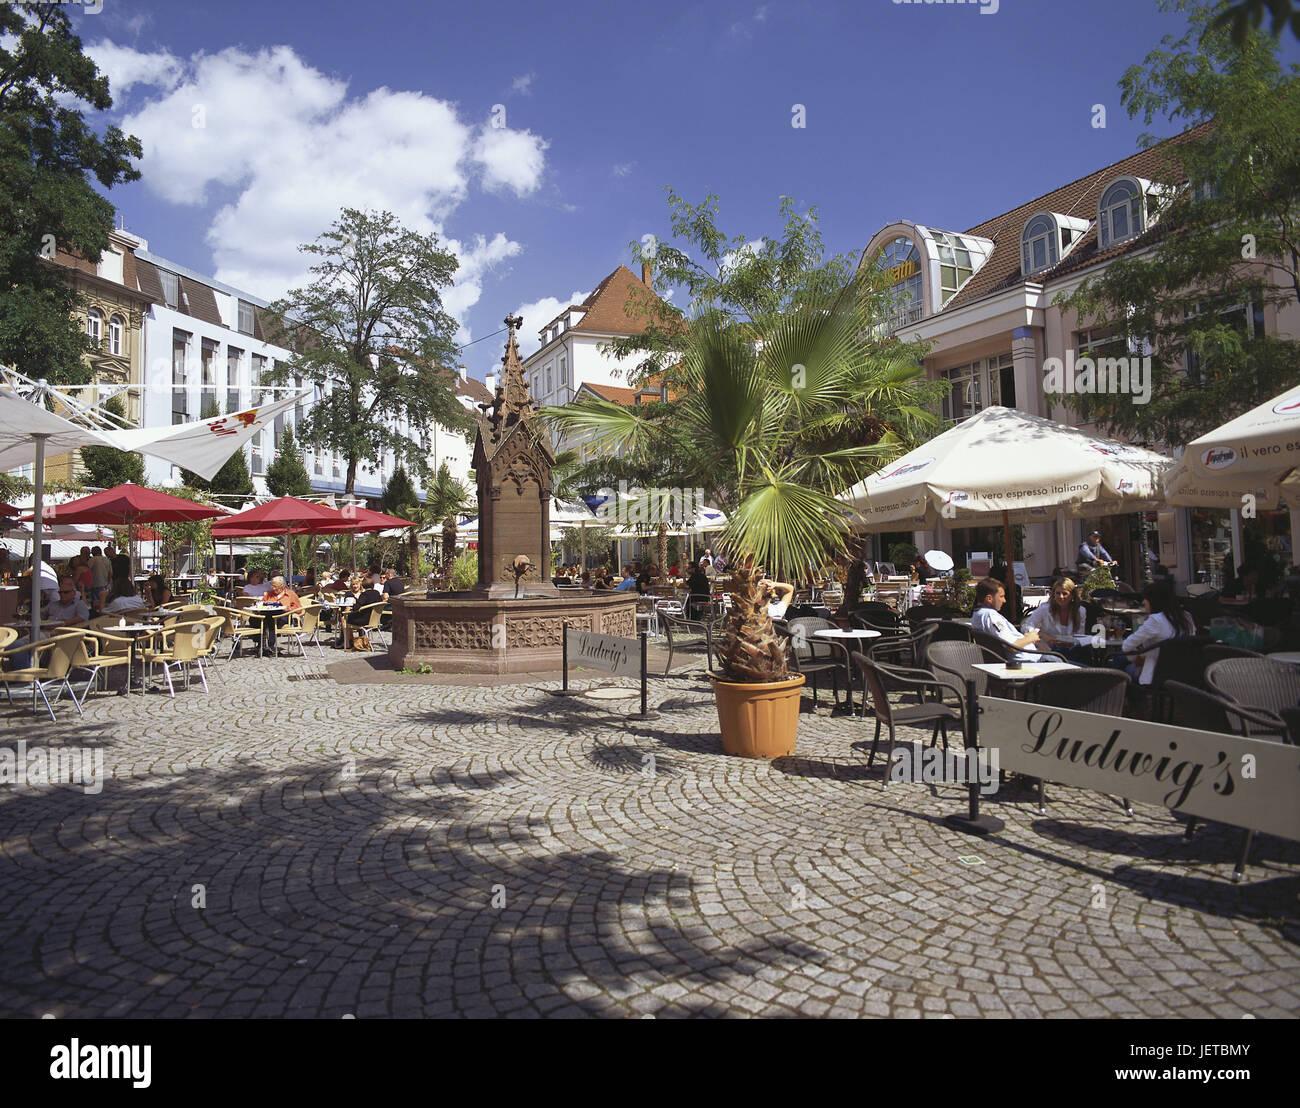 Deutschland Baden Würtemberg Karlsruhe Ludwig Platz Straßencafé